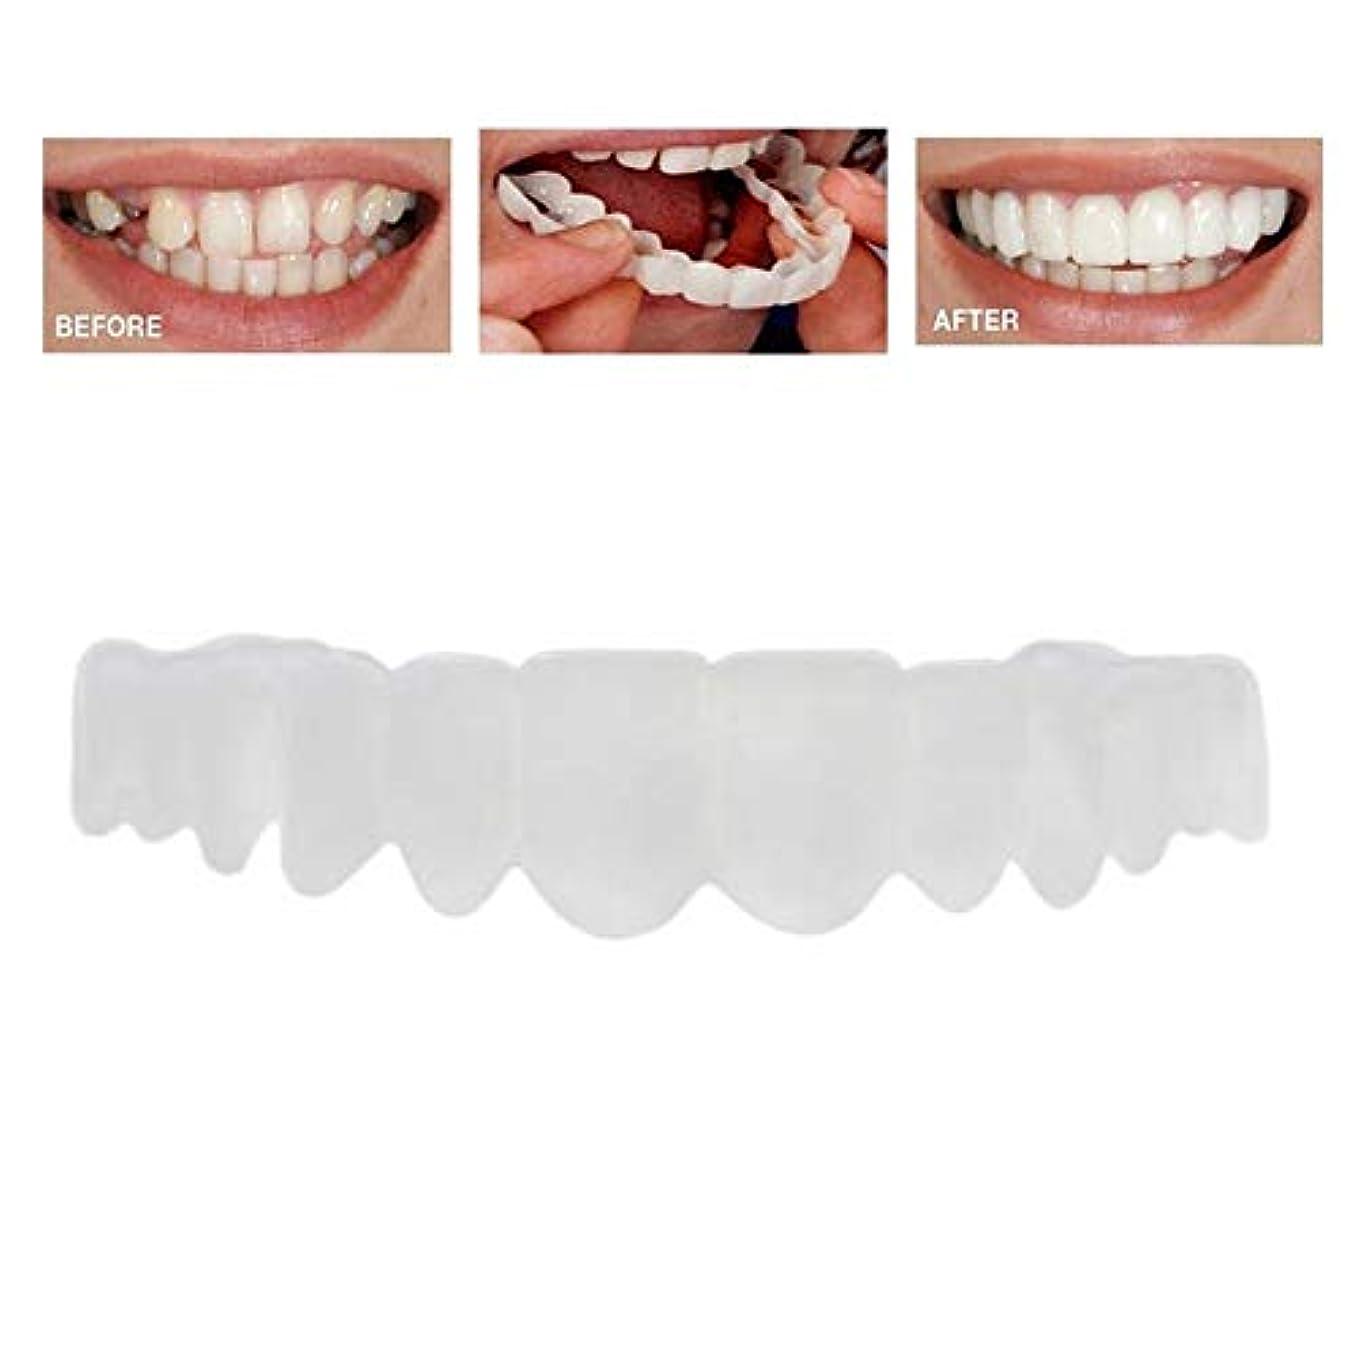 戦い文化連結する15ピースの歯の化粧品の快適さフィット歯の義歯歯の上のベニヤの歯ワンサイズフィット最も快適な義歯